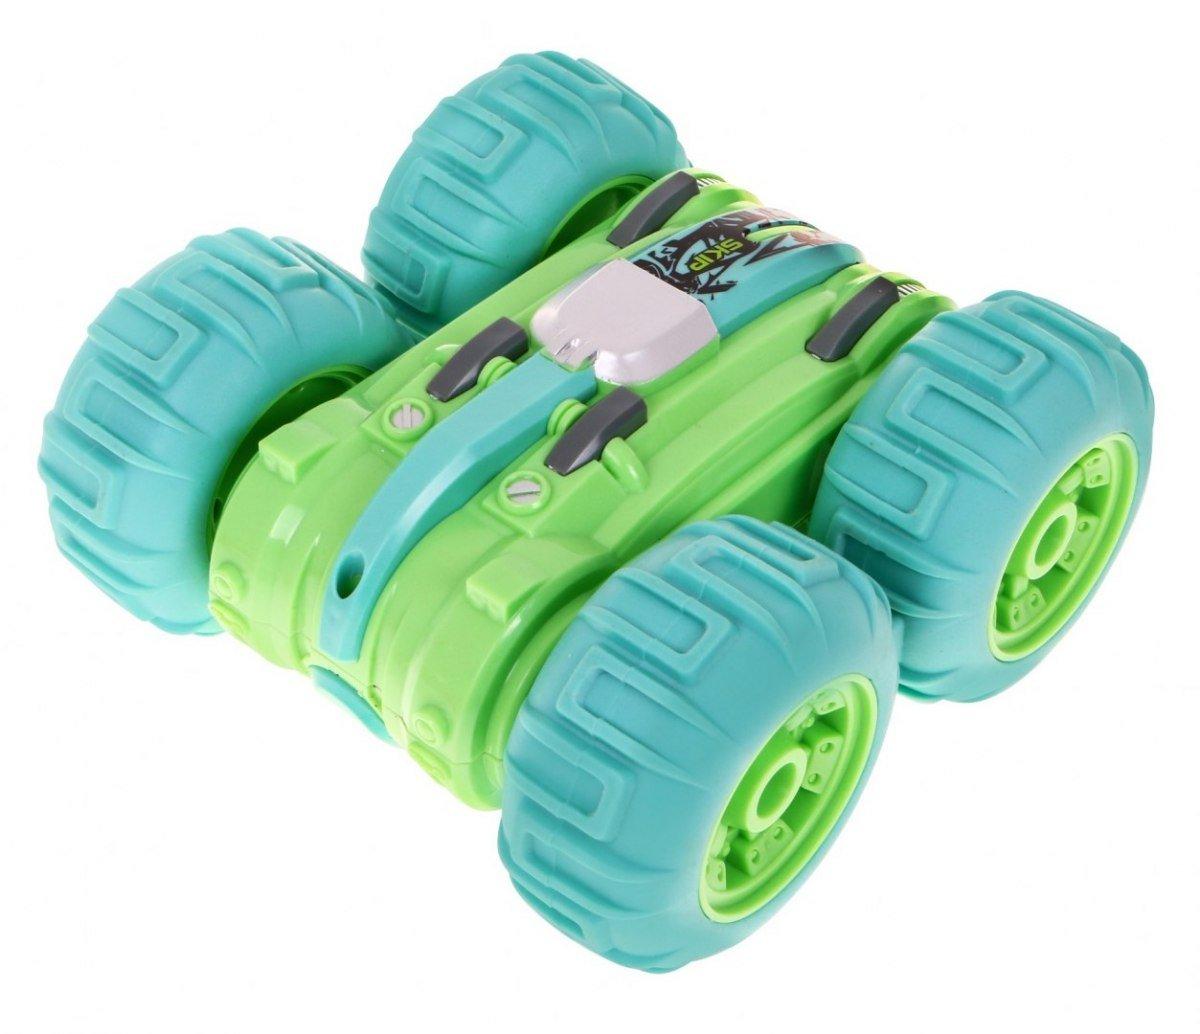 RoGer Radiovadāms Kāpurķēžu Auto- Zaļš Radiovadāmā rotaļlieta